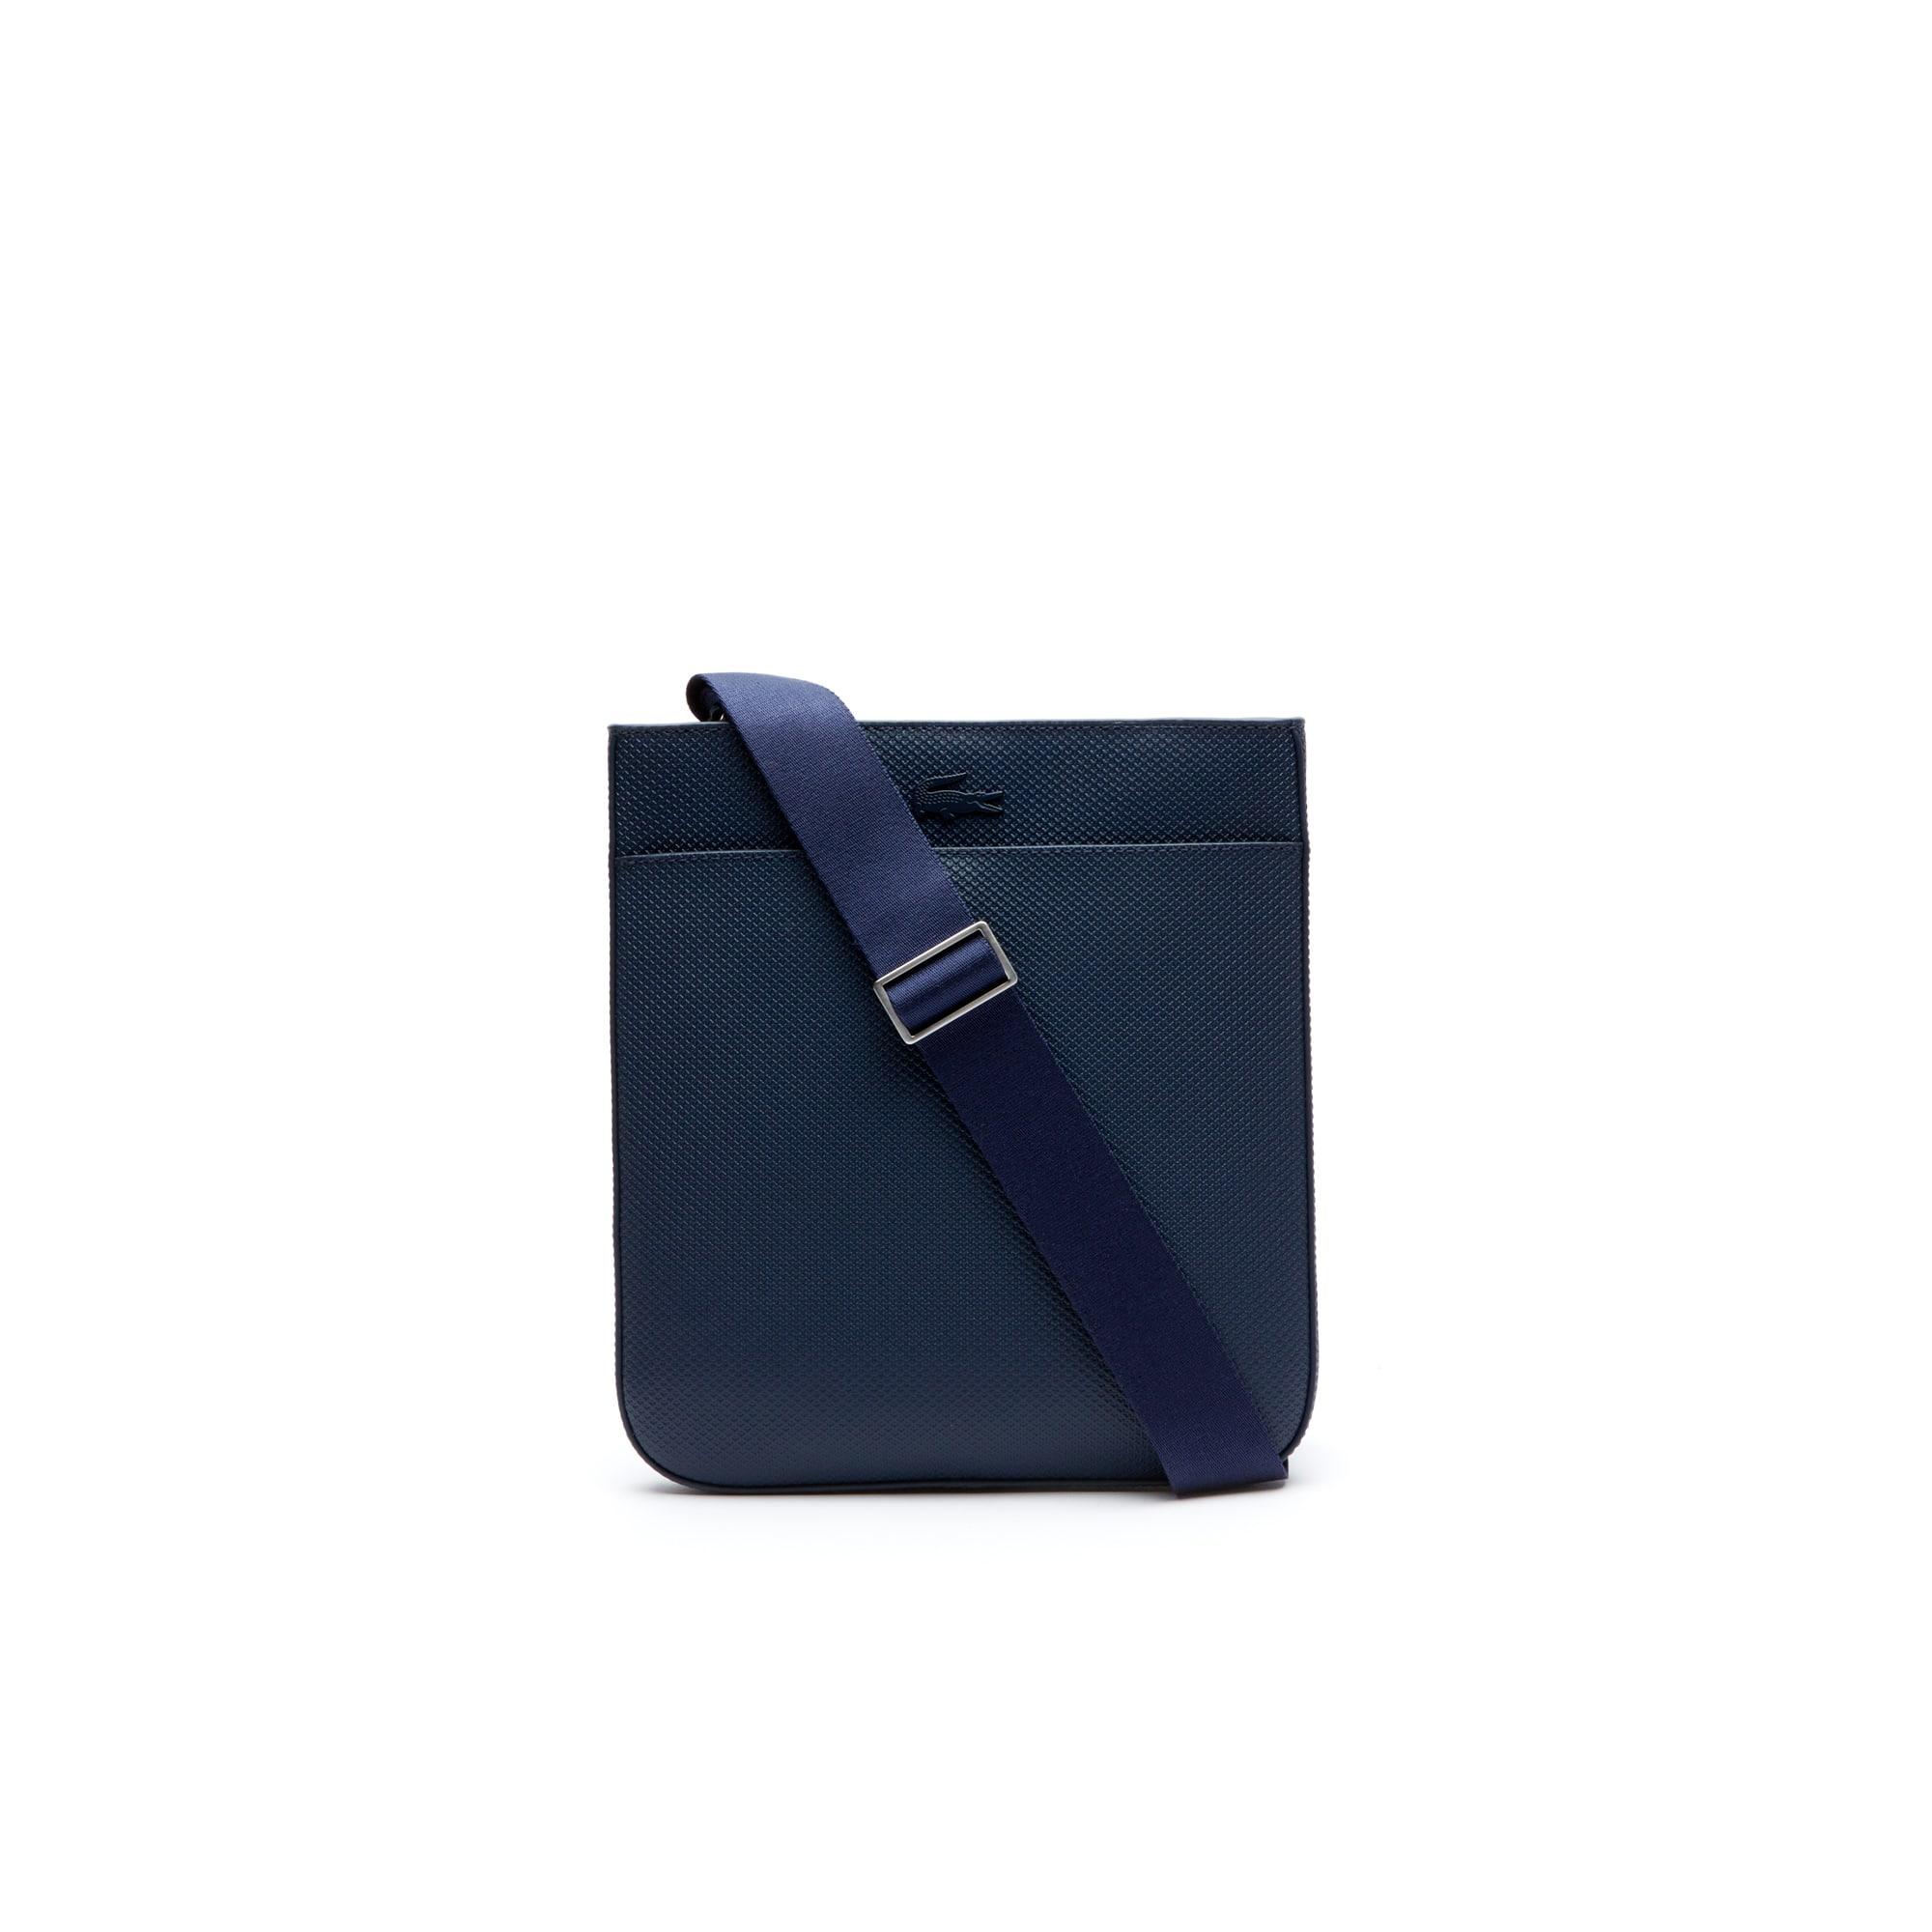 라코스테 Lacoste Mens Chantaco Matte Pique Leather Bag,peacoat